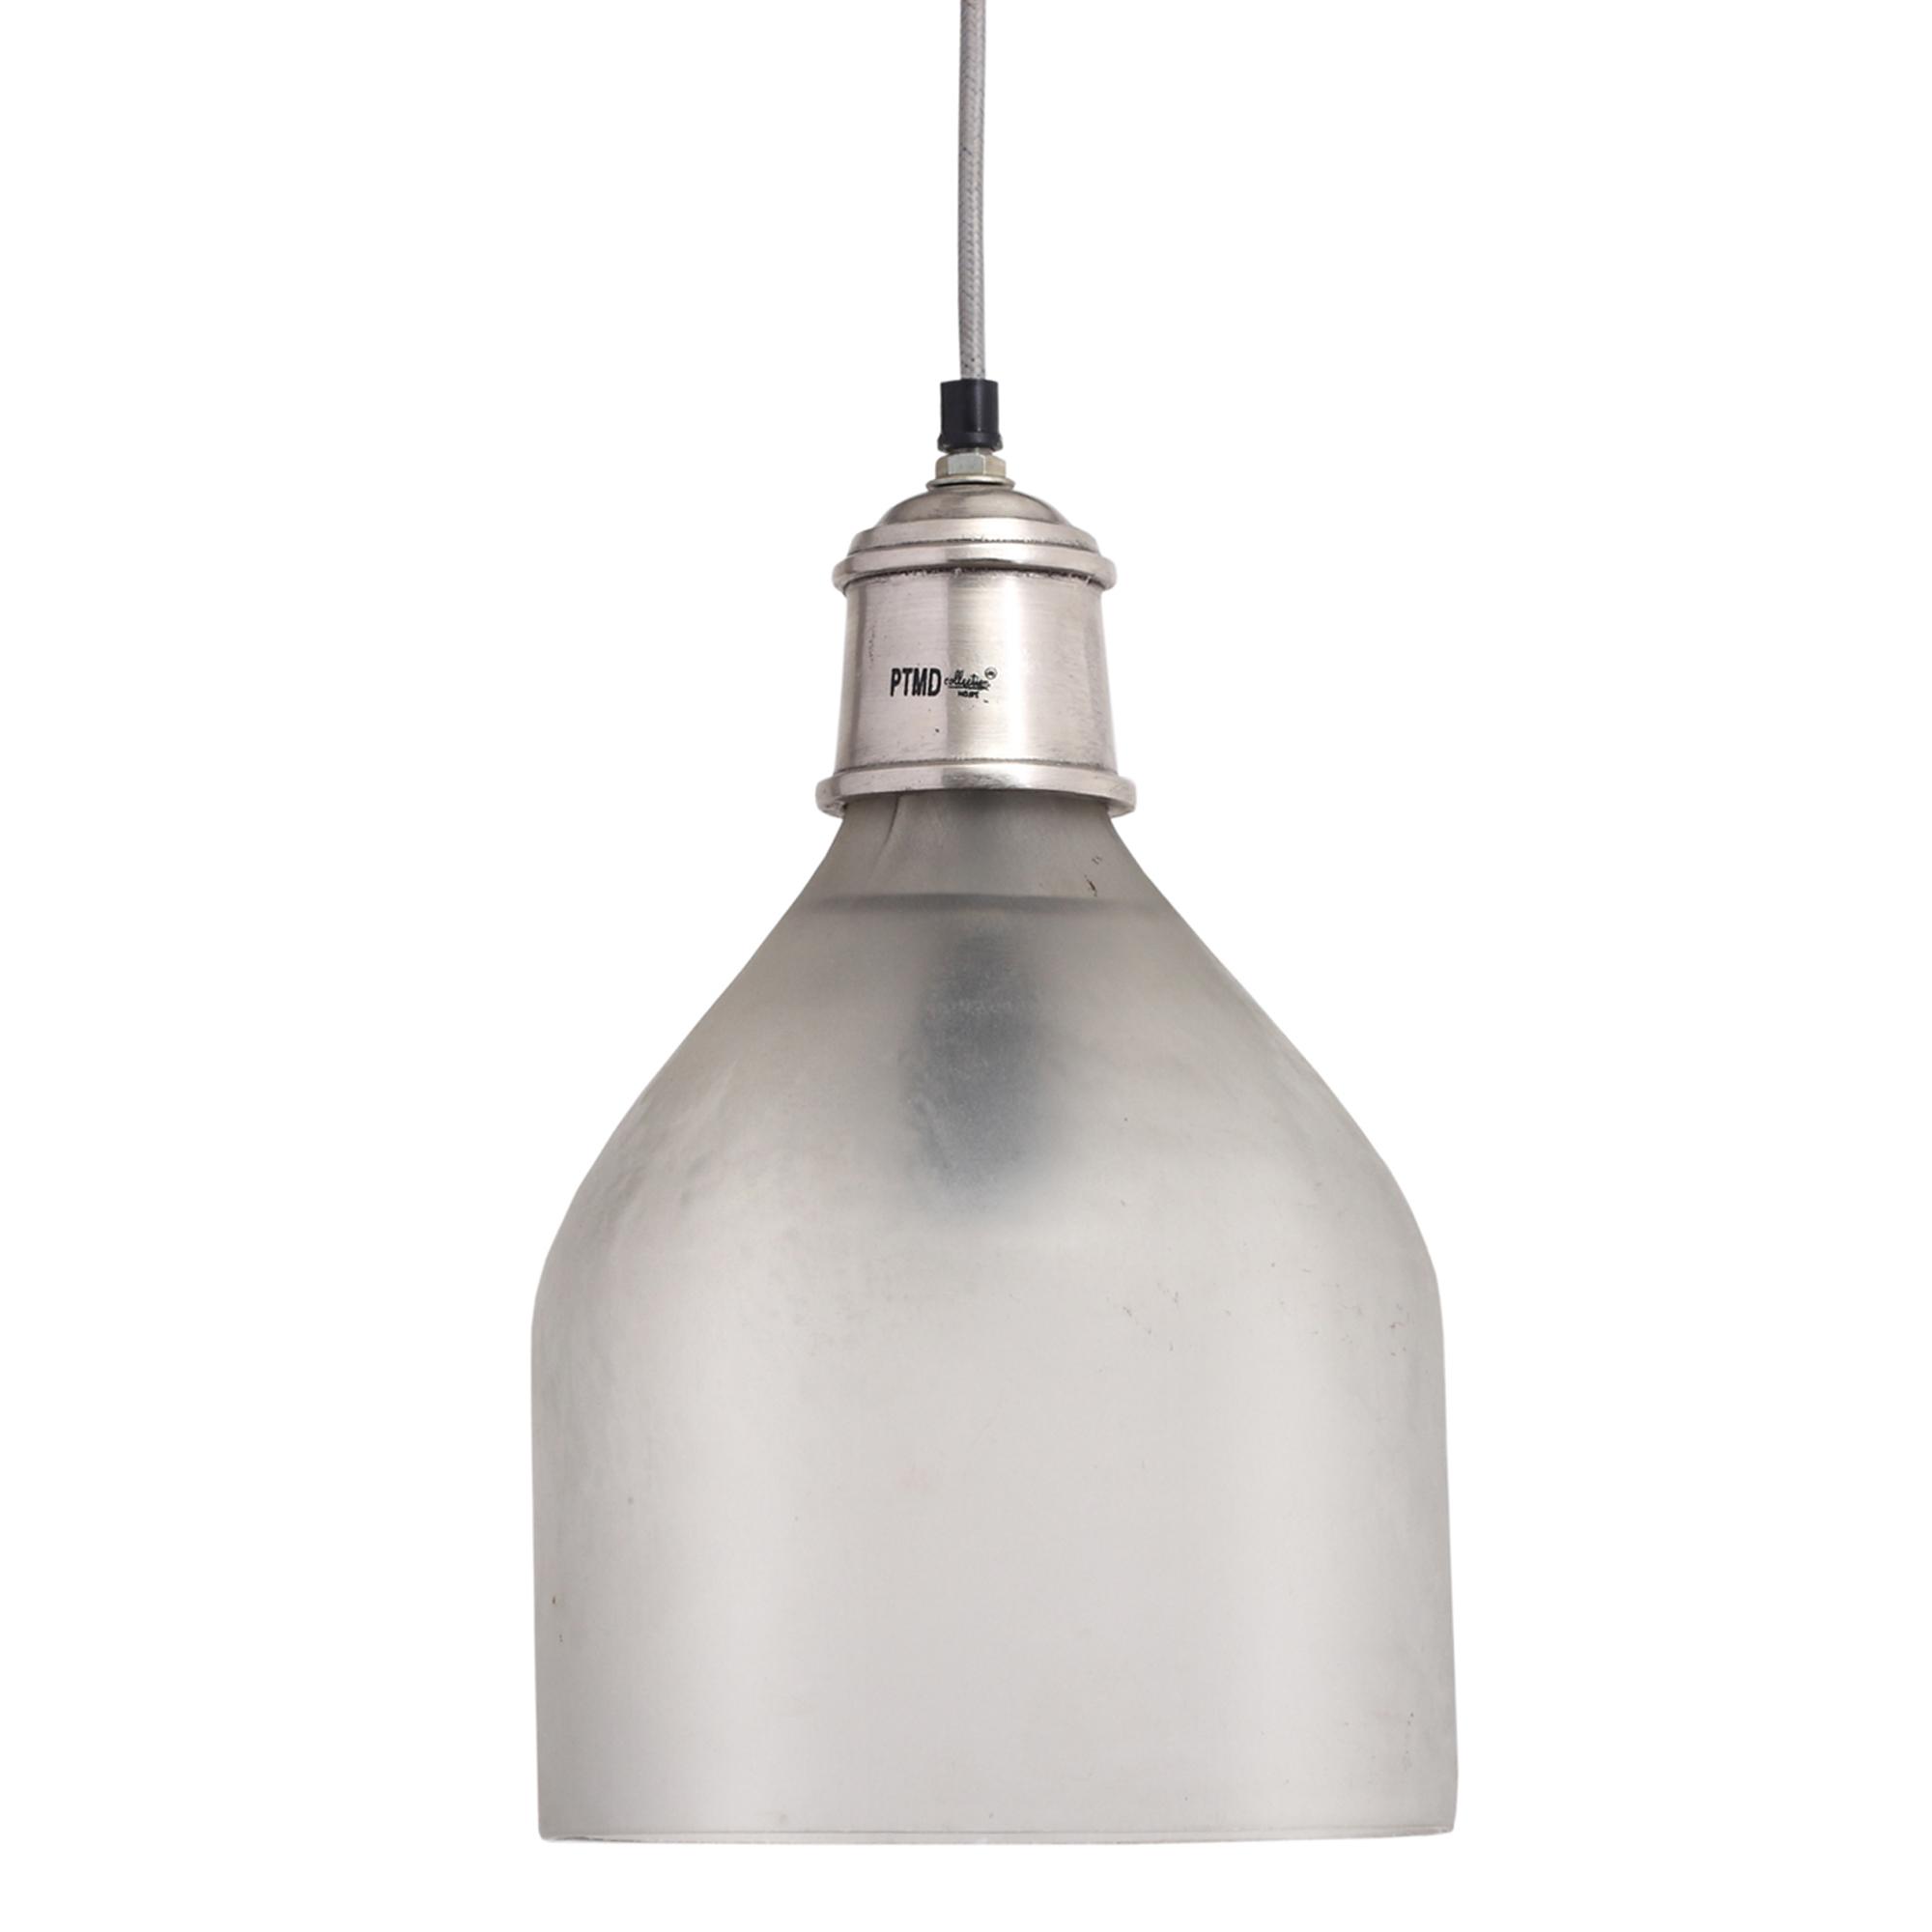 PTMD Flinn soda glas hanglamp